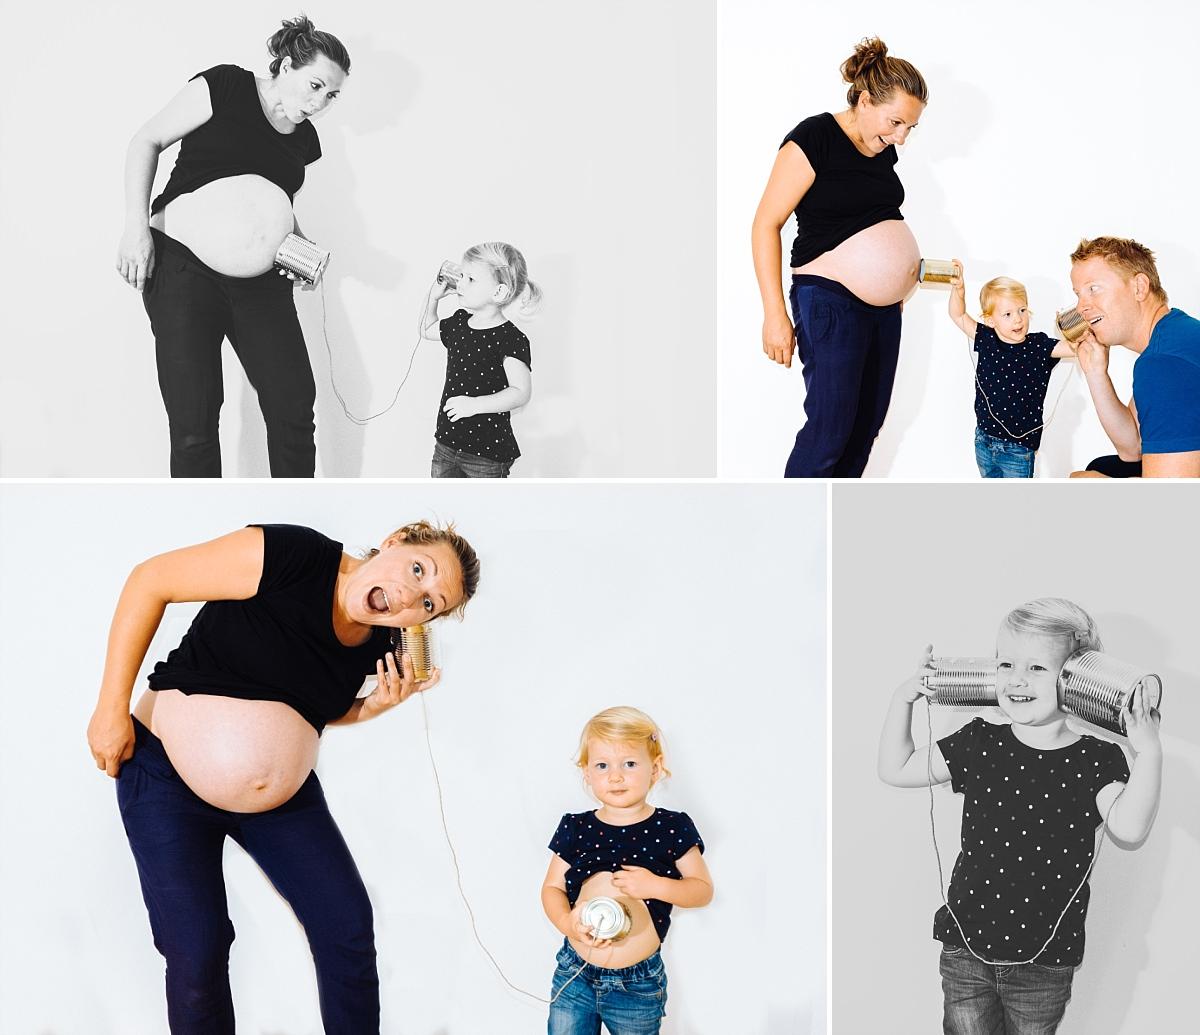 Babybauchfotos Dresden Vorfreude auf Geschwister Dosentelefon Mama Papa Kind Babybauch